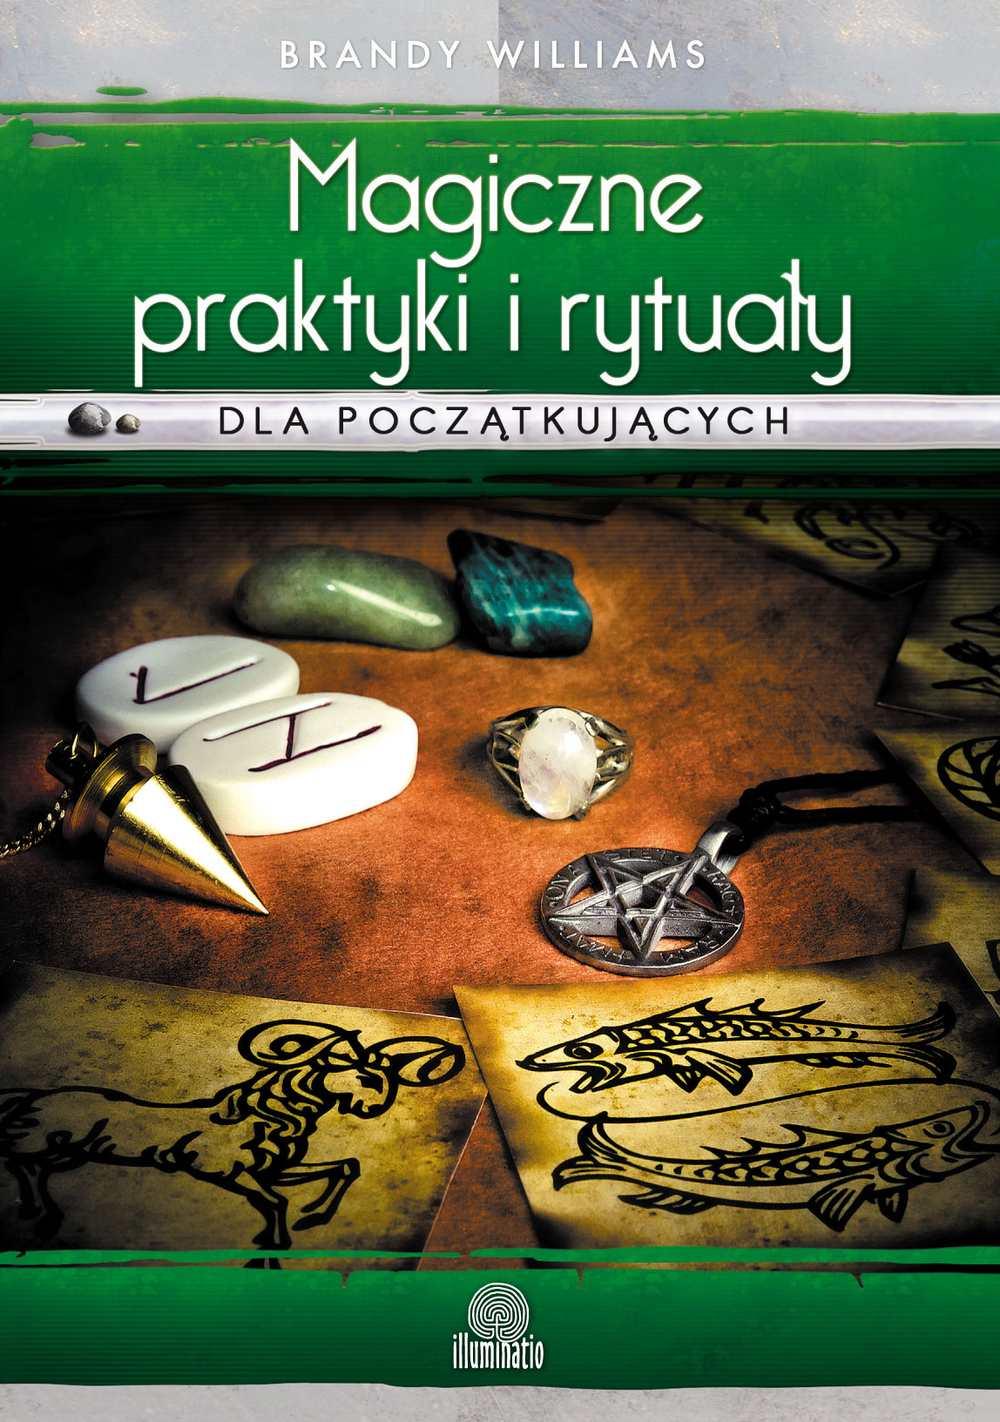 Magiczne praktyki i rytuały dla początkujących. Wprowadzenie do magii praktycznej - Ebook (Książka EPUB) do pobrania w formacie EPUB